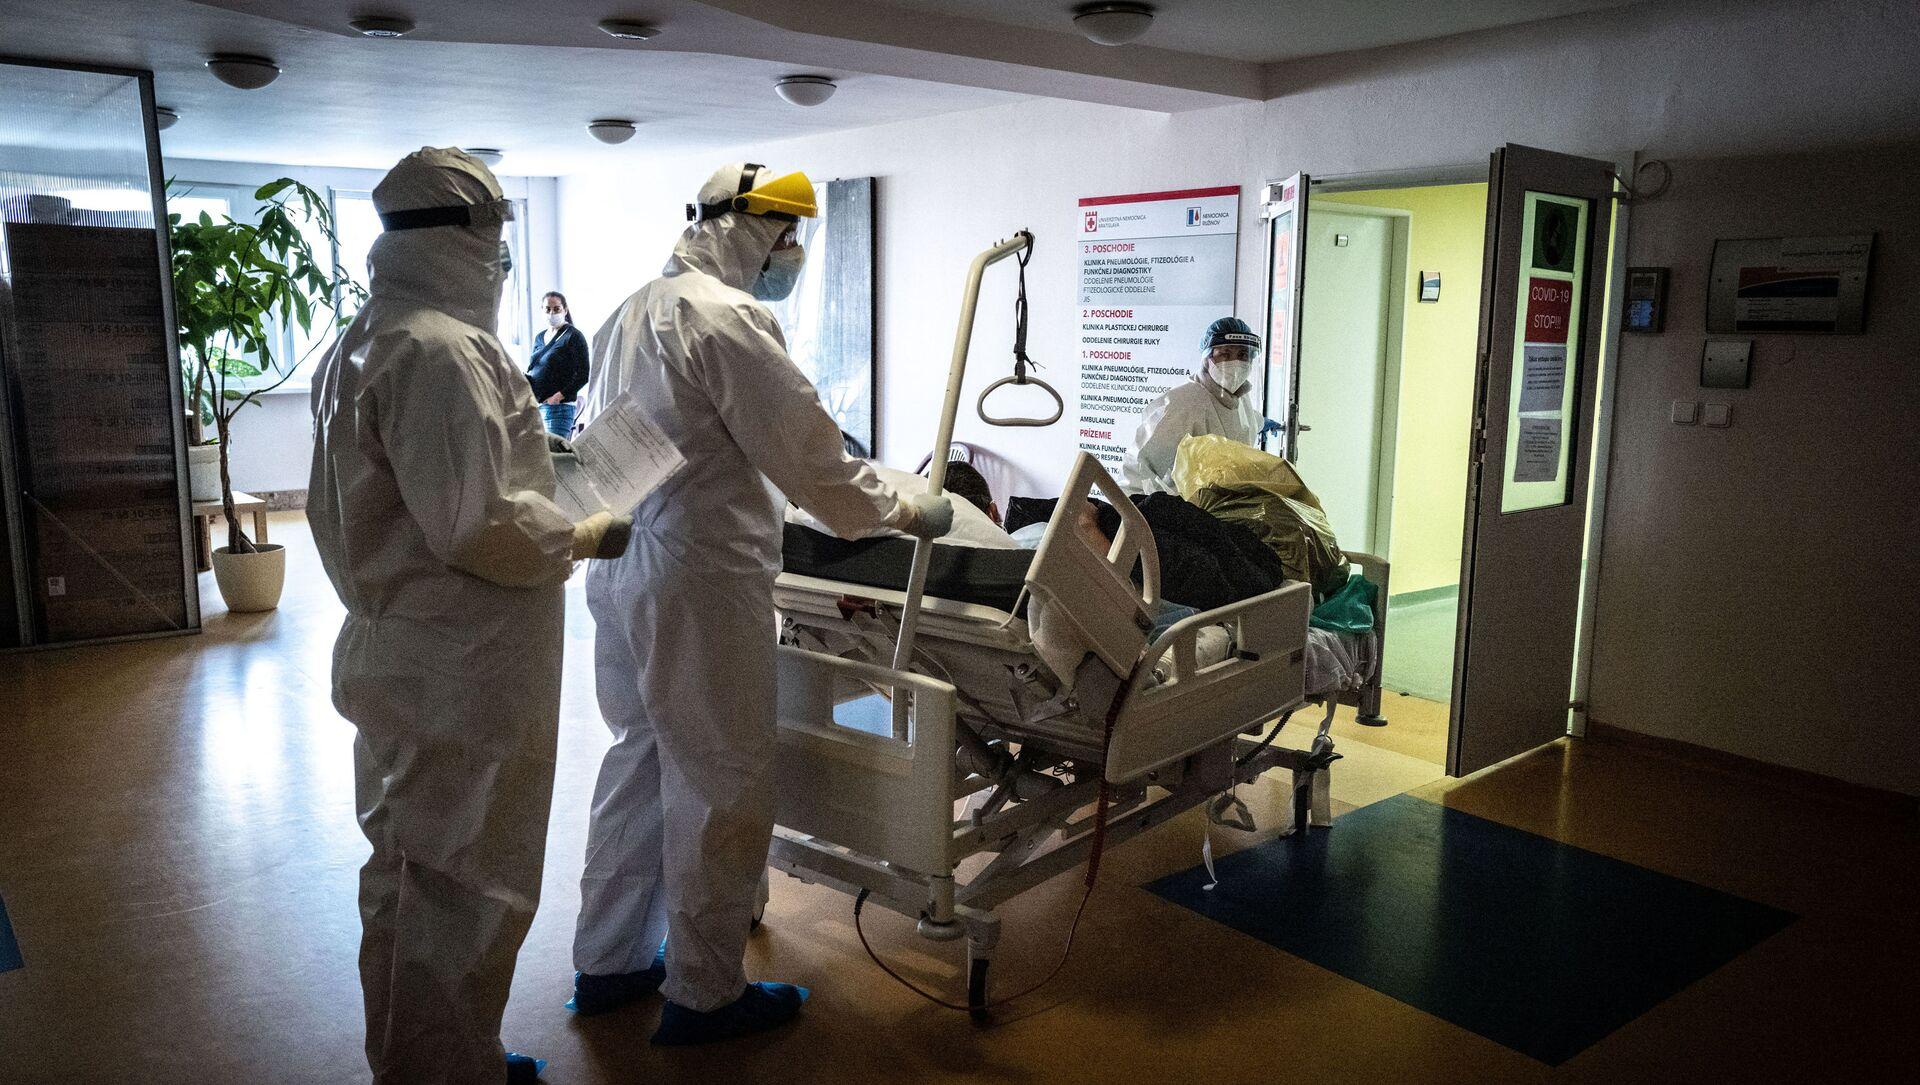 Lékaři transportují pacienta s koronavirem na pulmonologické oddělení nemocnice Ruzinov v Bratislavě - Sputnik Česká republika, 1920, 07.04.2021